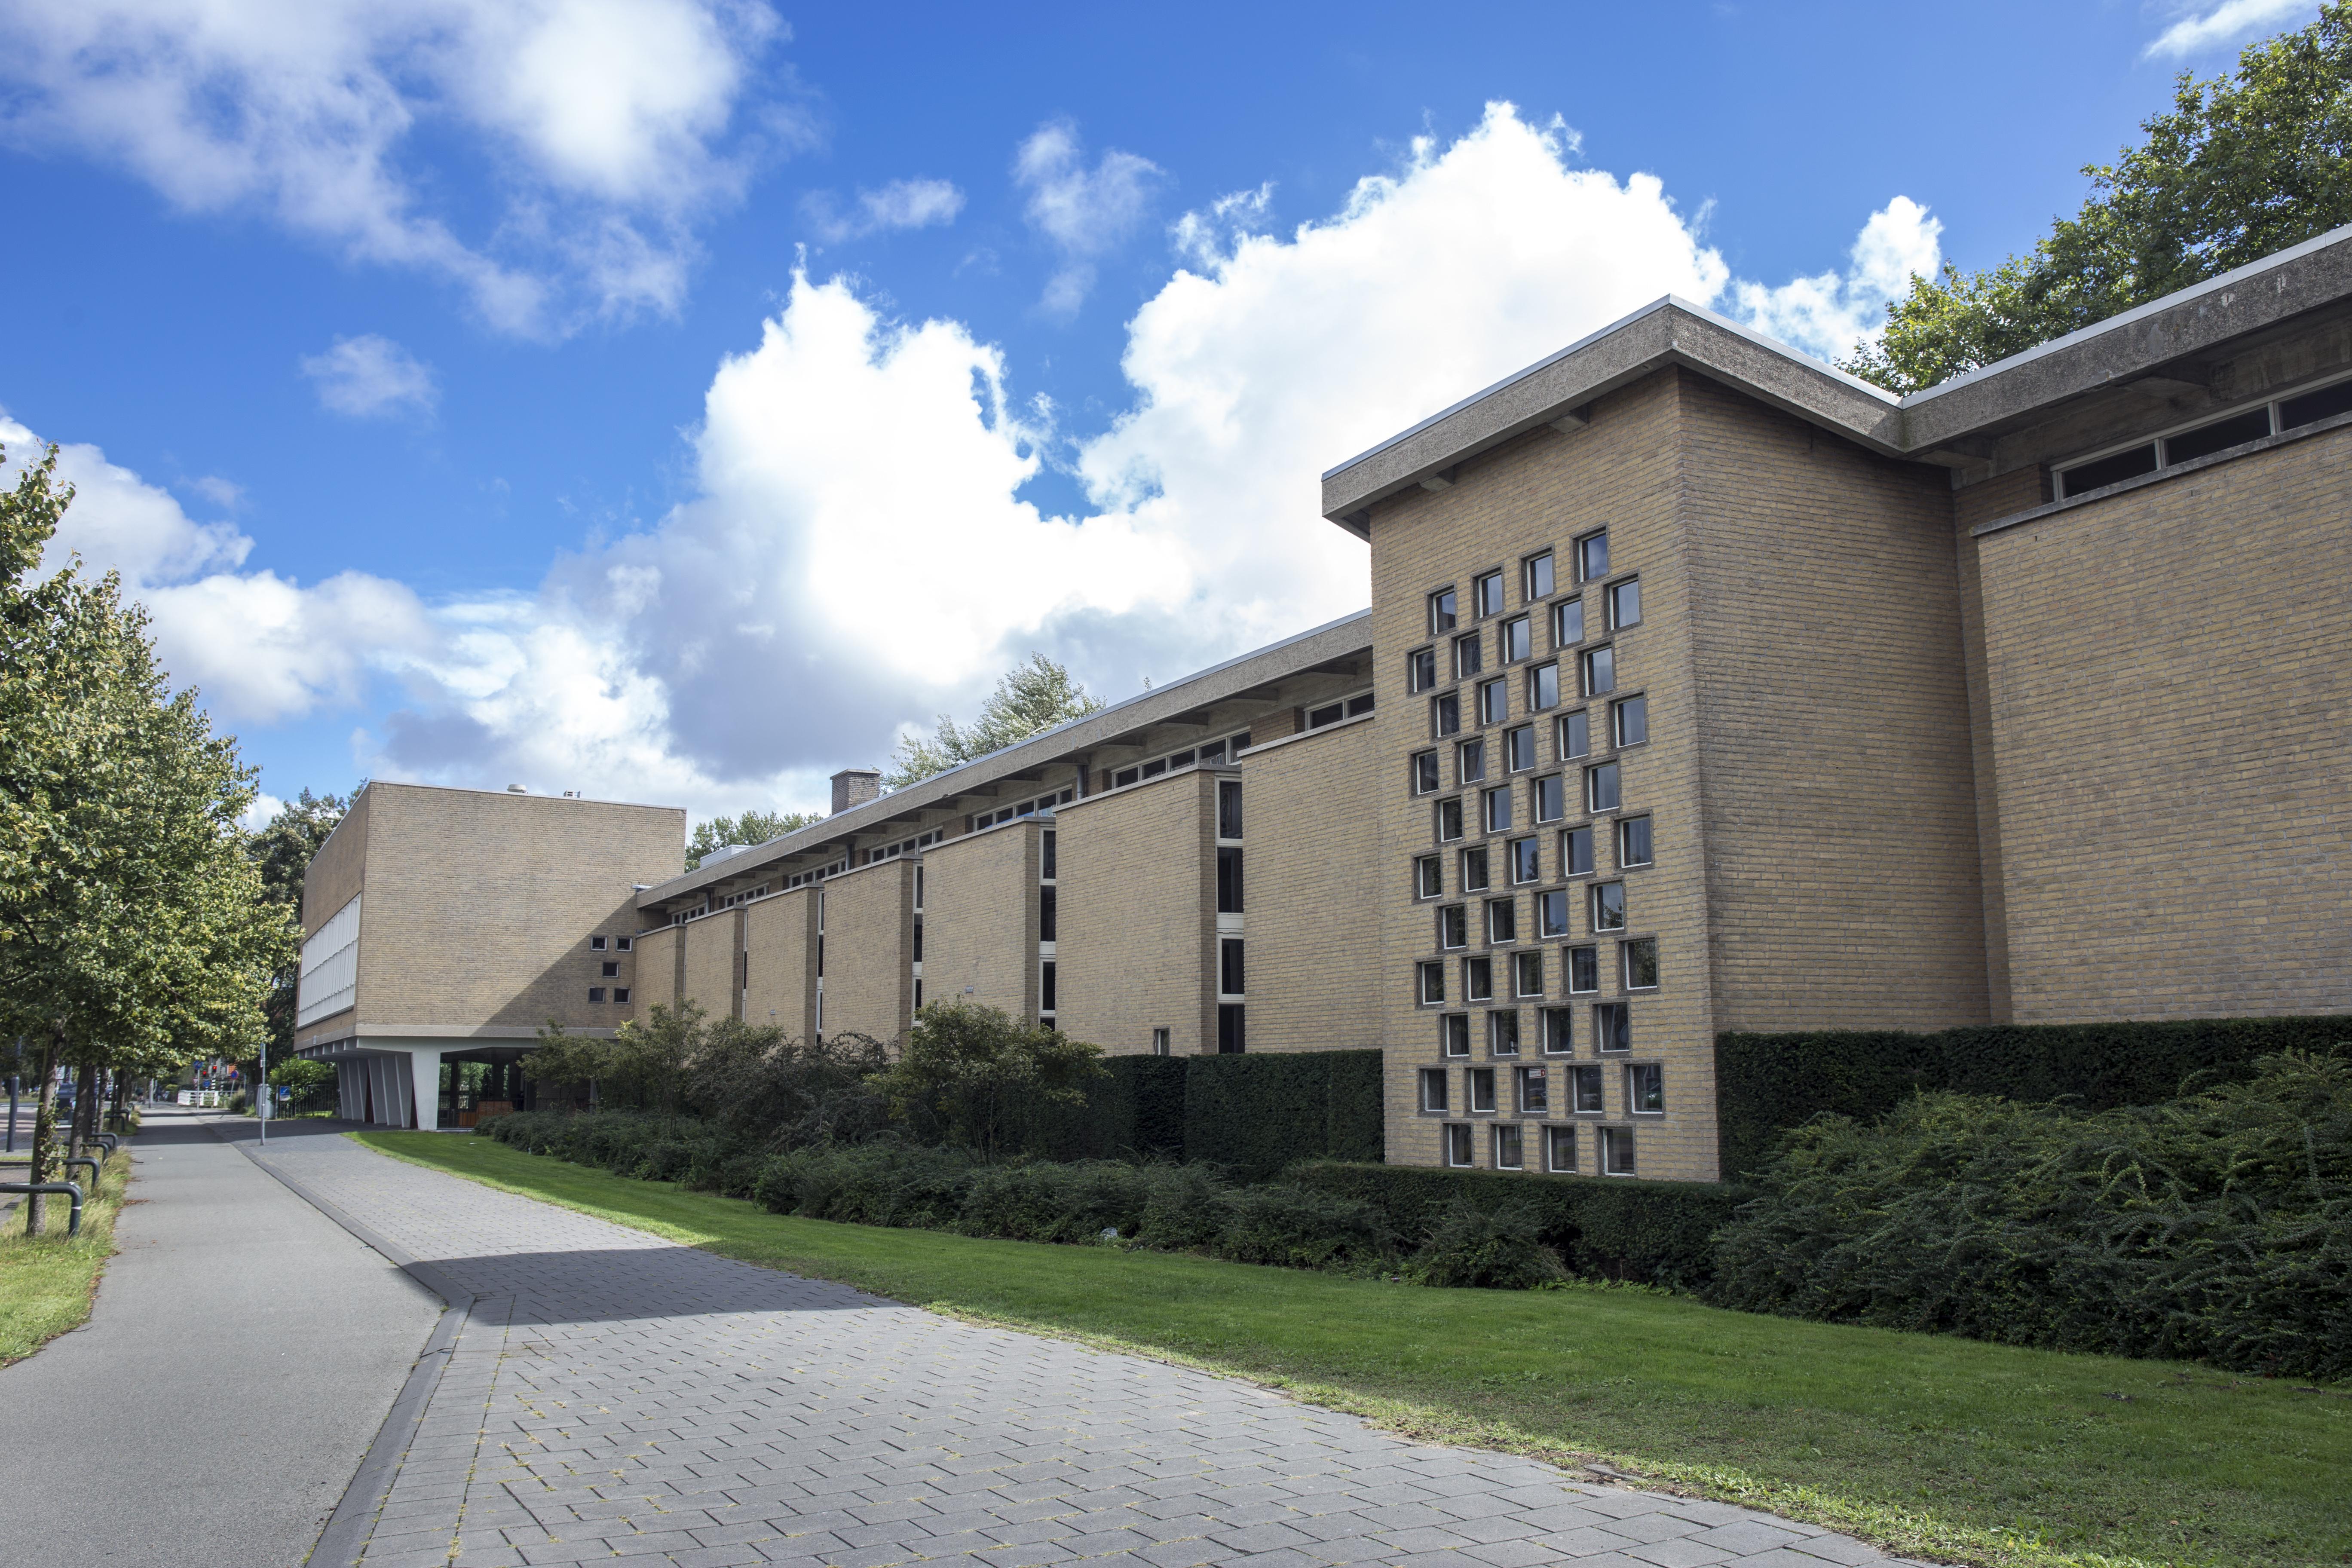 Waardering voor jong Haarlems erfgoed: voor het meest iconische gebouw van Schalkwijk komt het te laat, maar naoorlogse bouwkunst krijgt bescherming